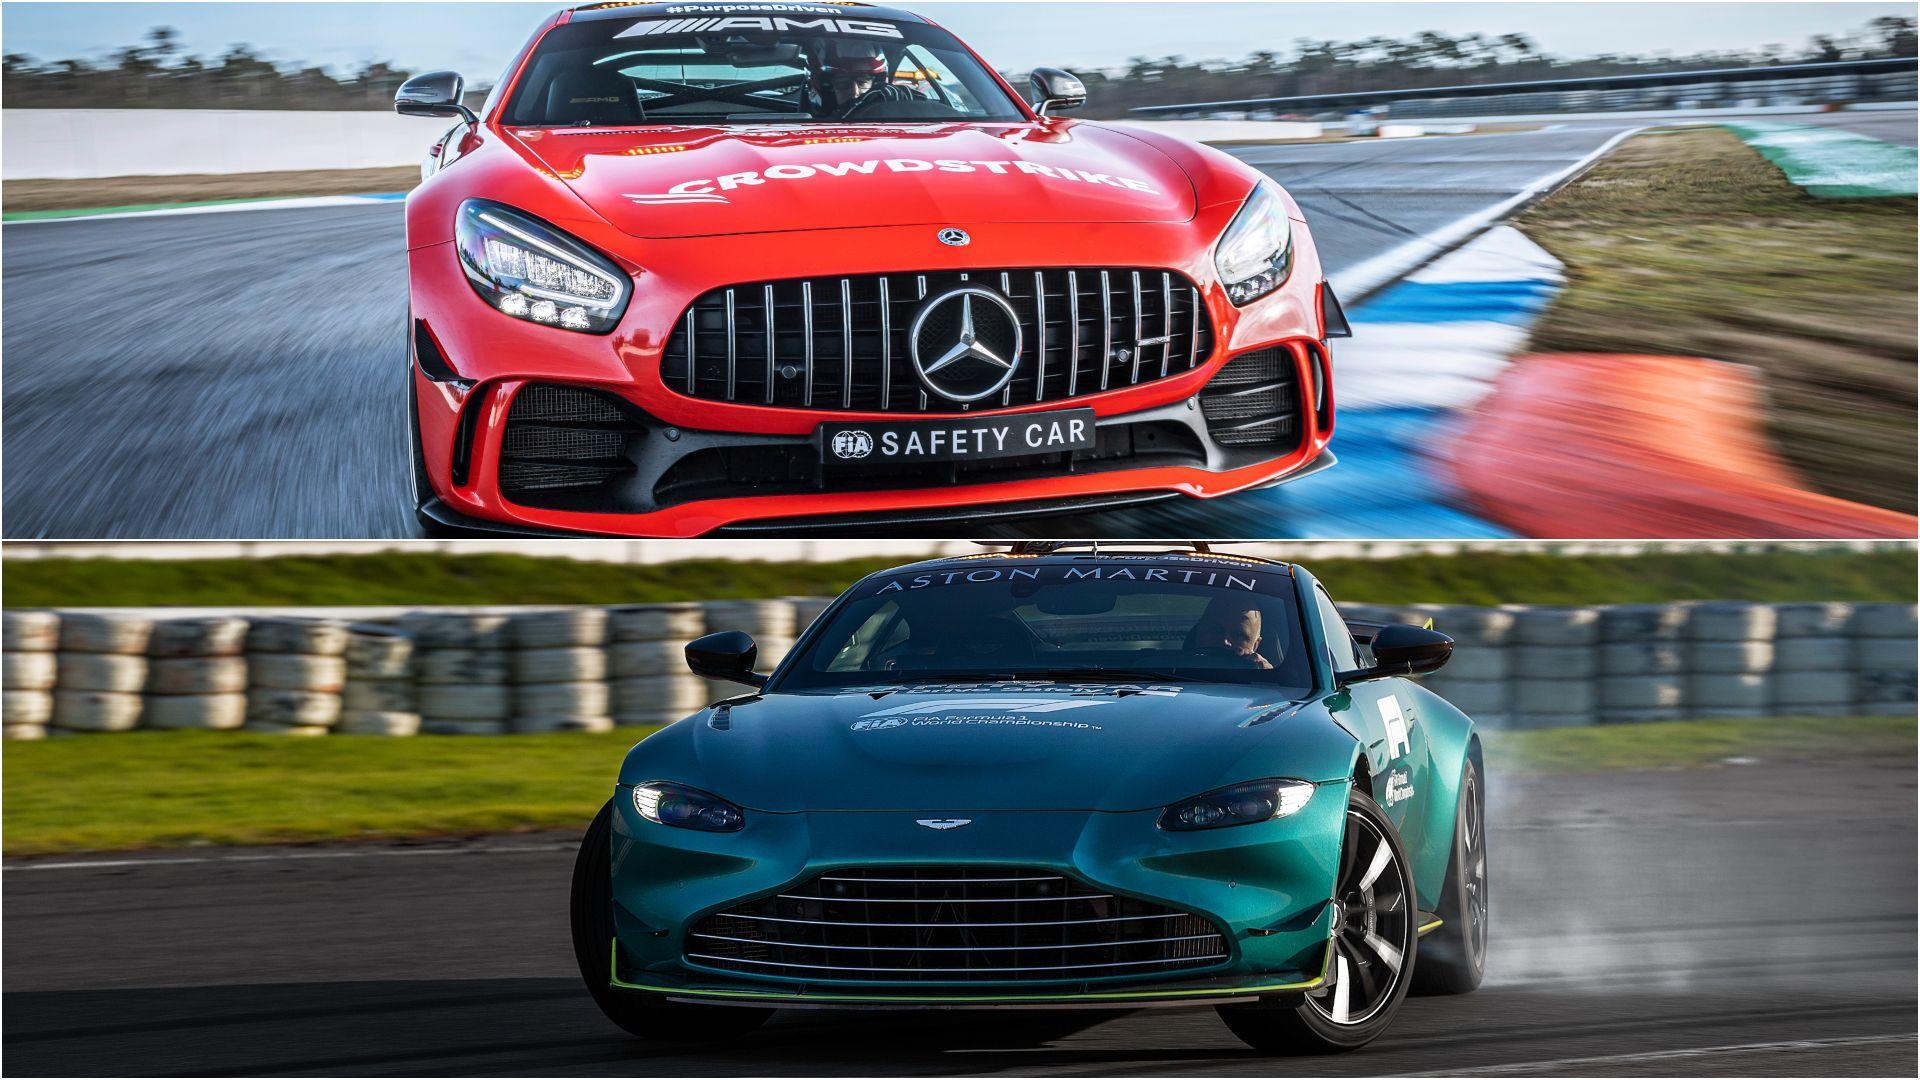 Así son los nuevos coches de seguridad de la Fórmula 1